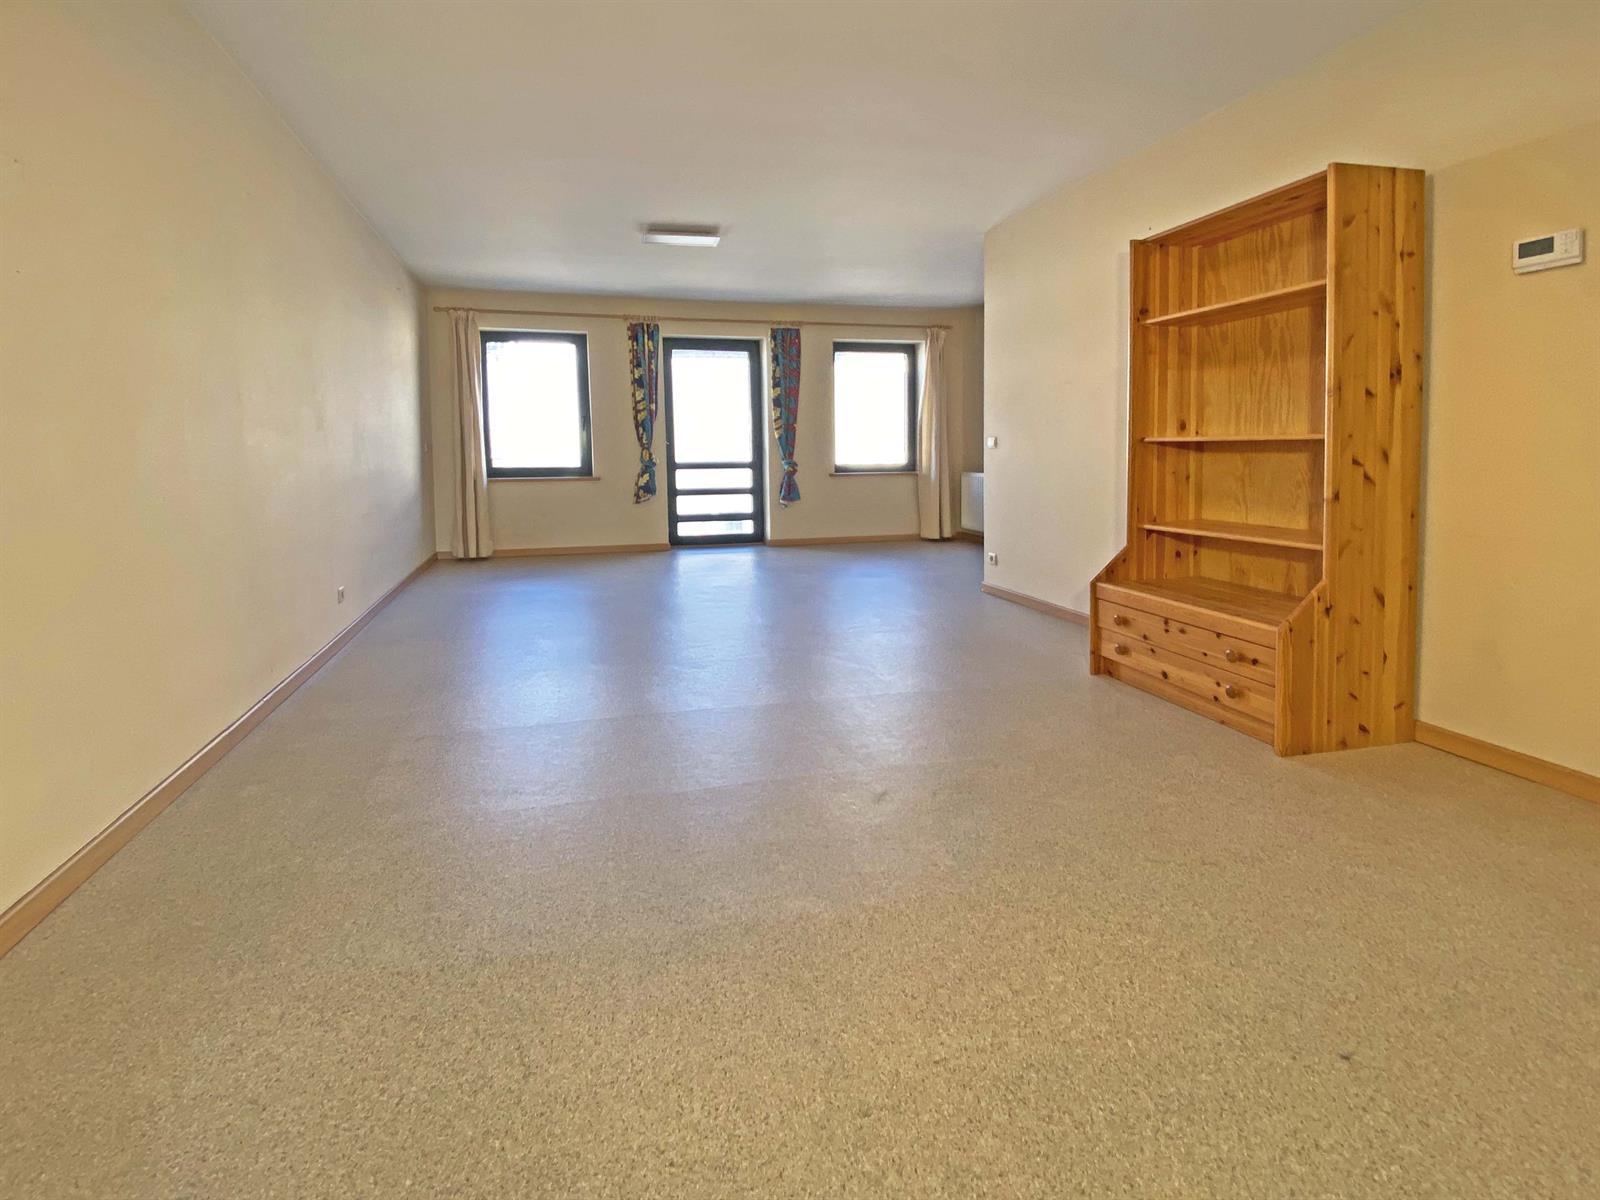 Appartement - Neufchâteau - #4360958-8